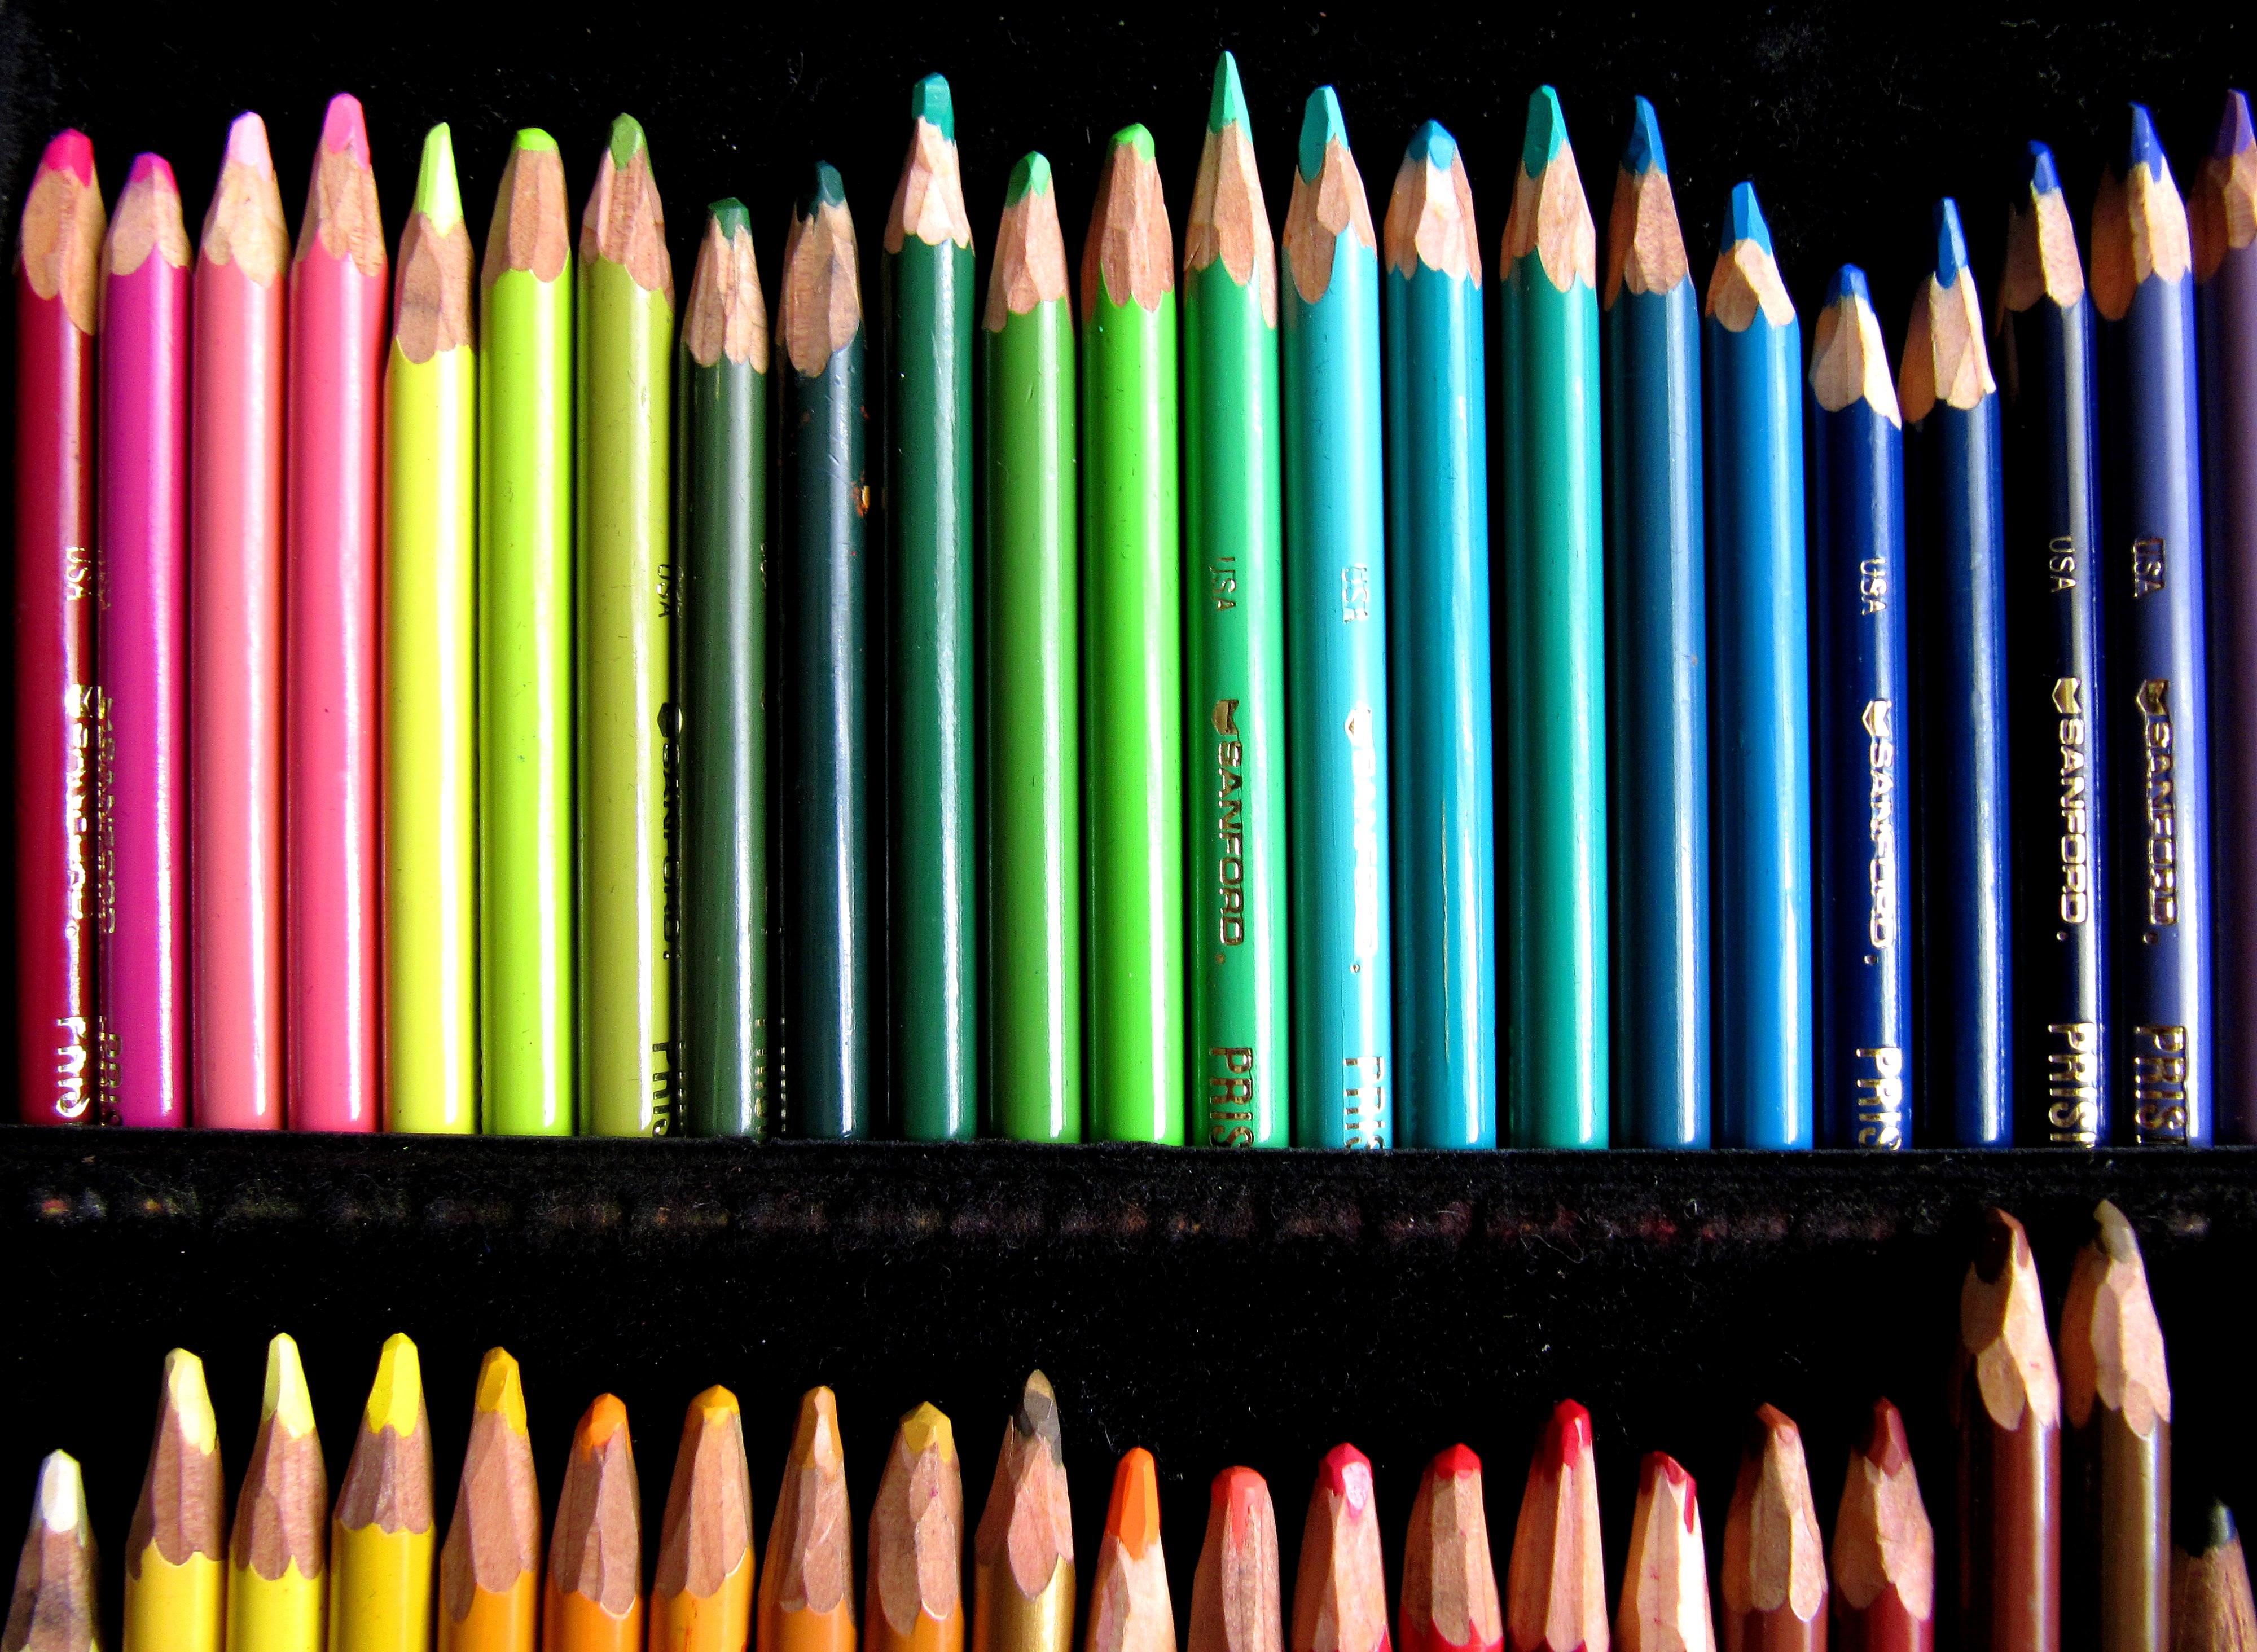 Free Images : pencil, line, color, art, colors, pencils, gun ...